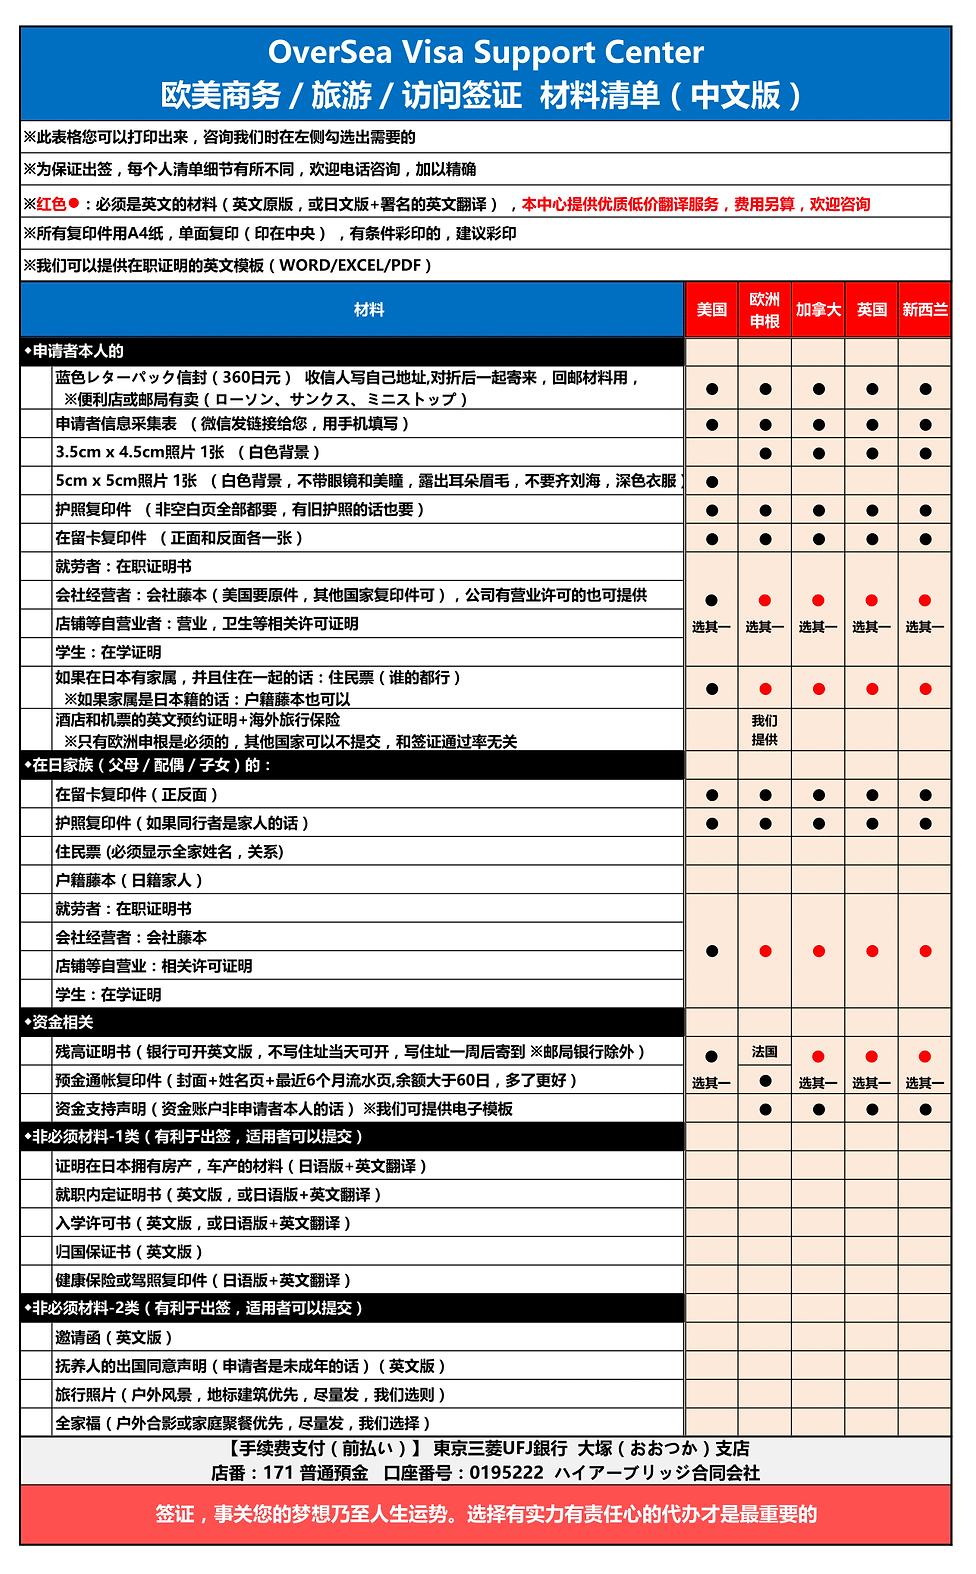 各国ビザ 申請代行(成功率NO.1)|アメリカビザ|シンゲンビザ|カナダビザ|オーストラリアビザ|ニュージランドビザ|イギリスビザ|中国ビザ|ESTA代行